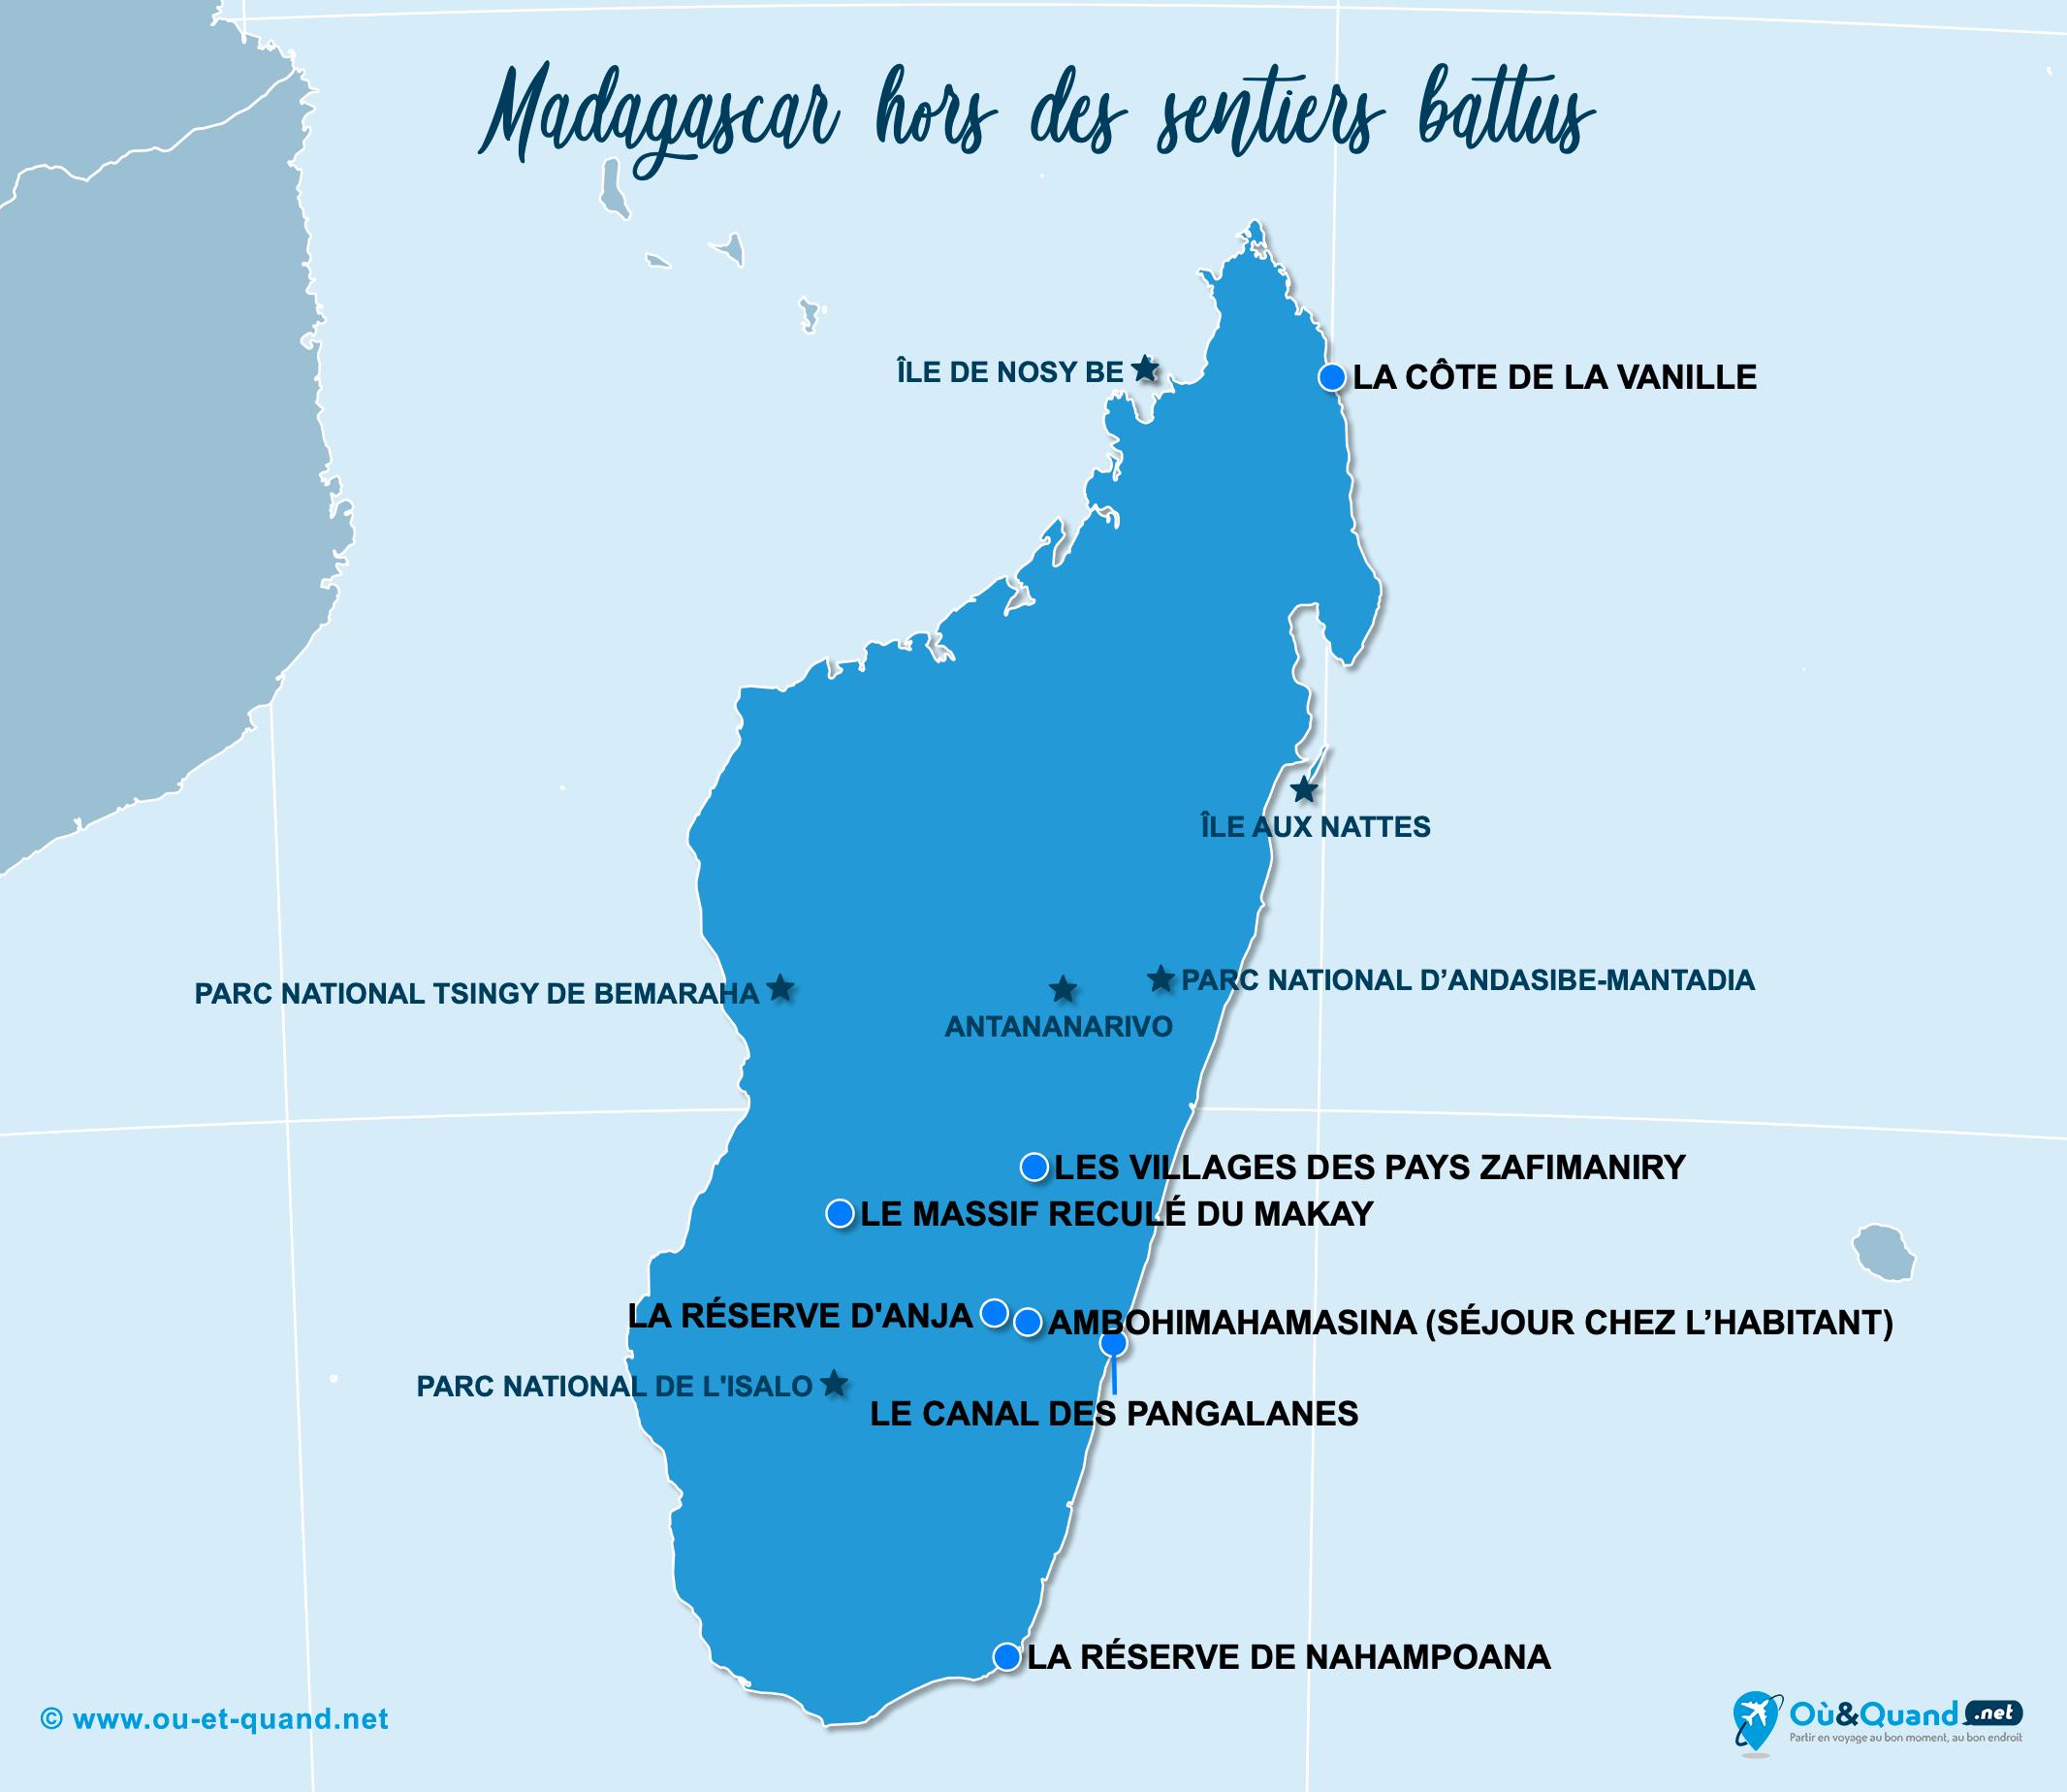 Carte Madagascar : Madagascar hors des sentiers battus